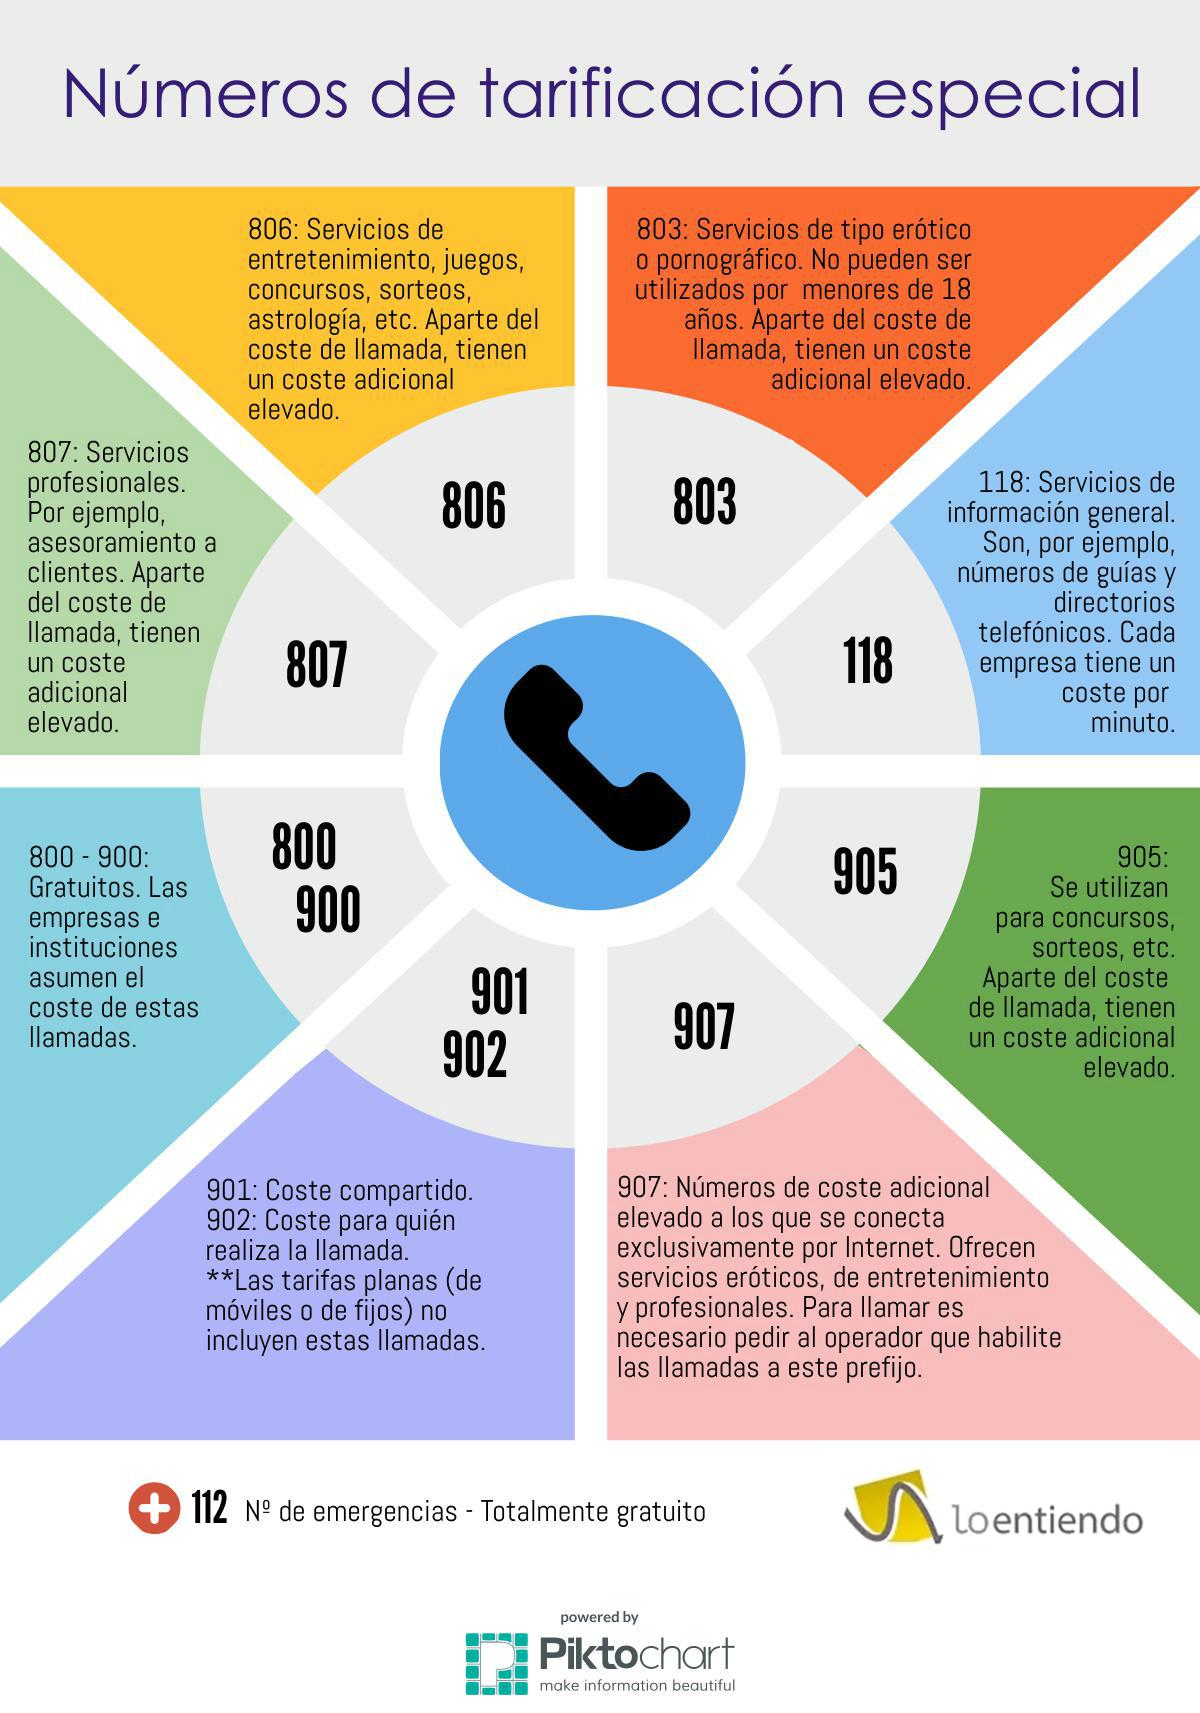 Infografía de números de tarificación especial